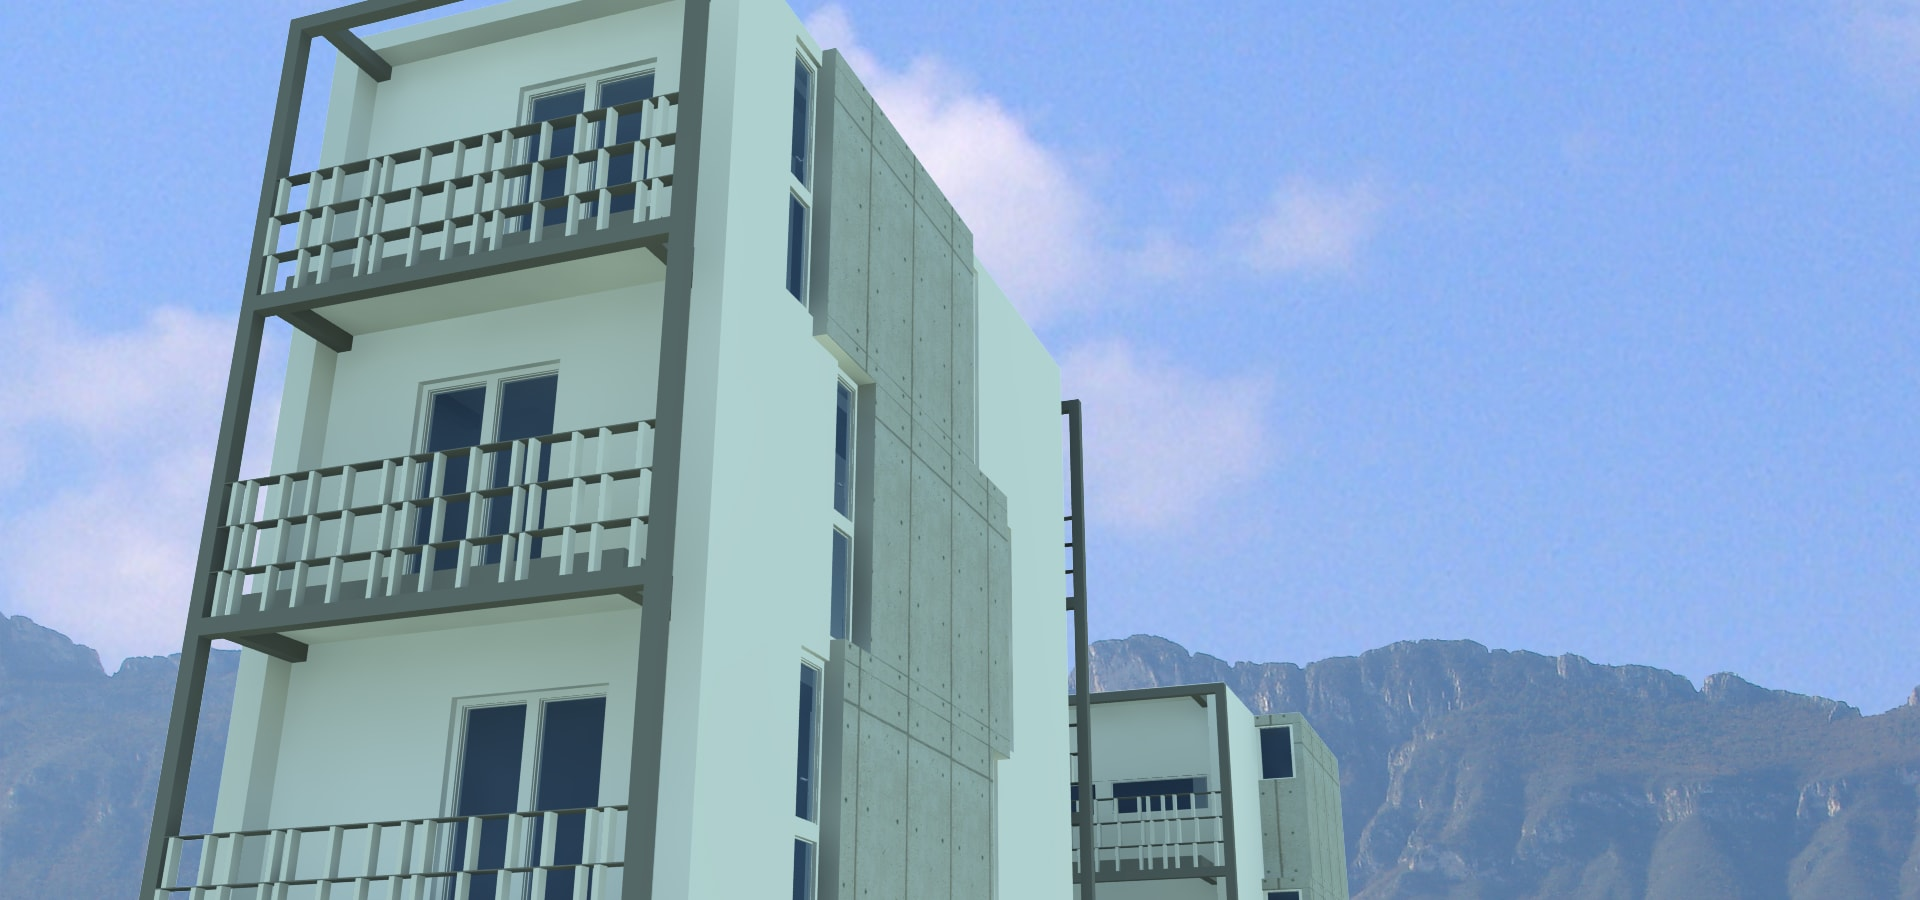 Laboratorio de Arquitectura, Urbanismo y Biohabitabilidad